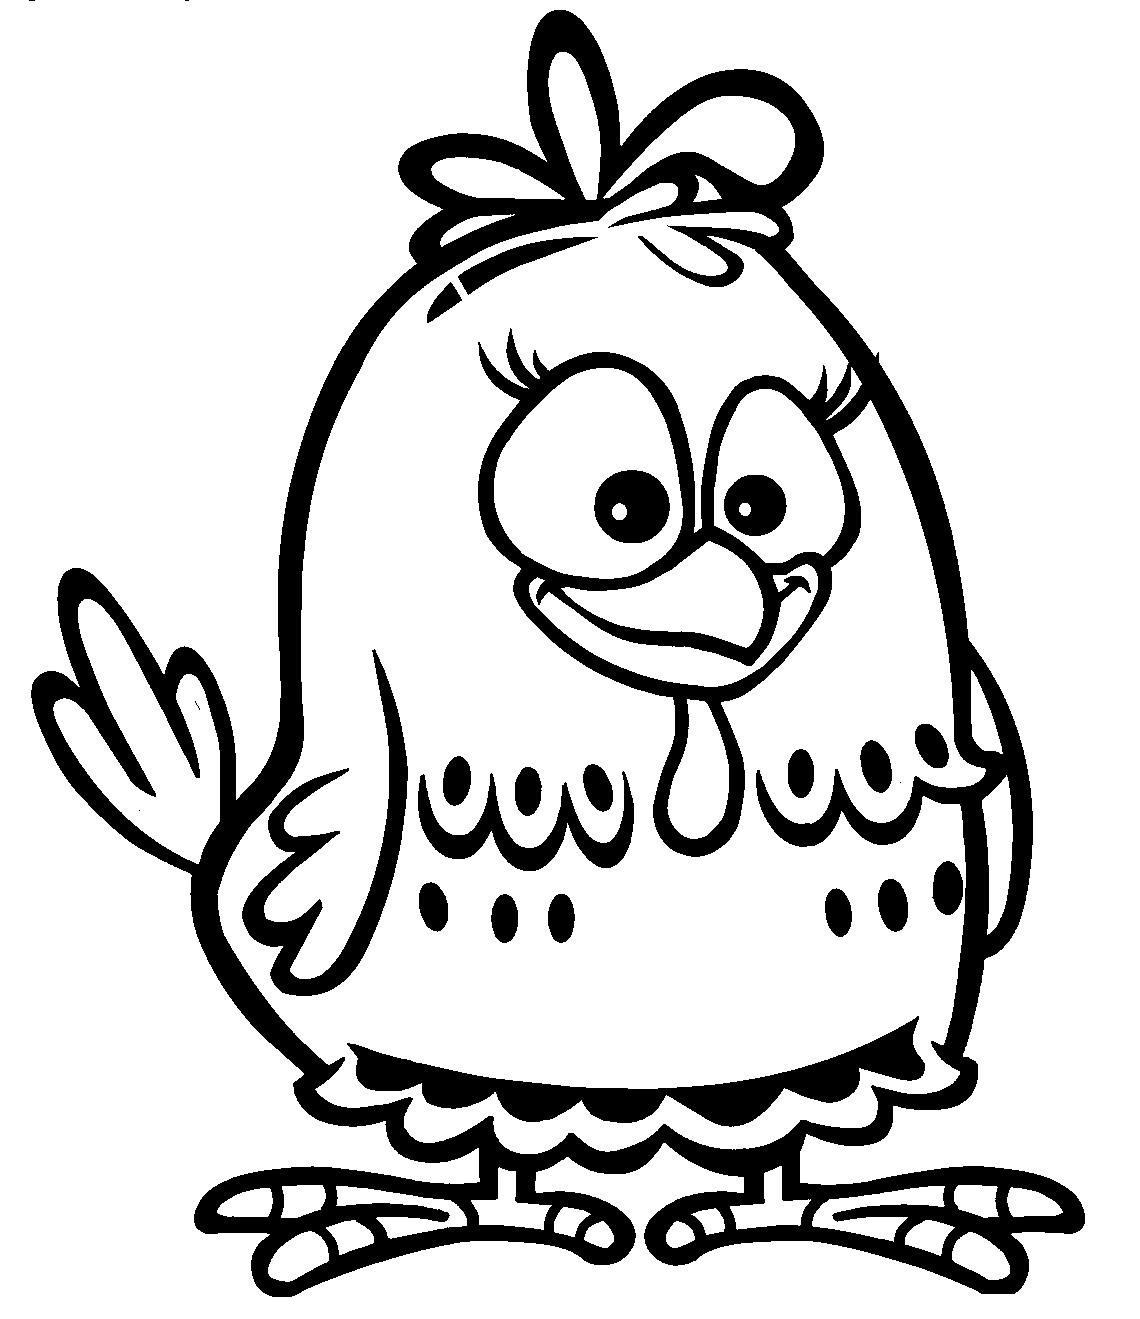 Desenhos para colorir da galinha pintadinha